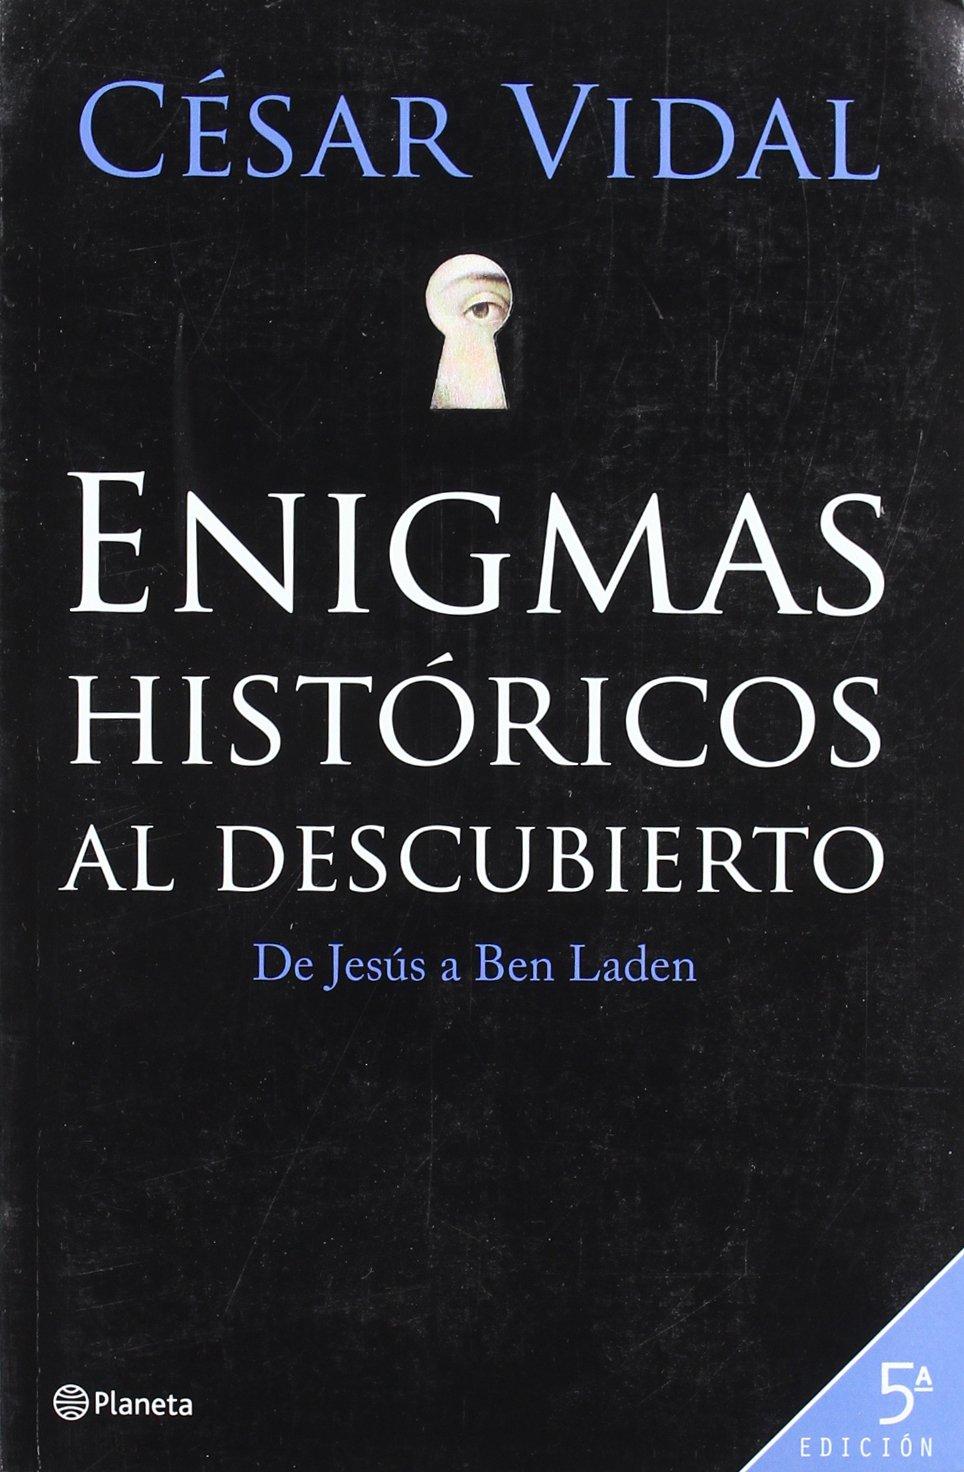 Enigmas históricos al descubierto: Amazon.es: Vidal, Cesar: Libros